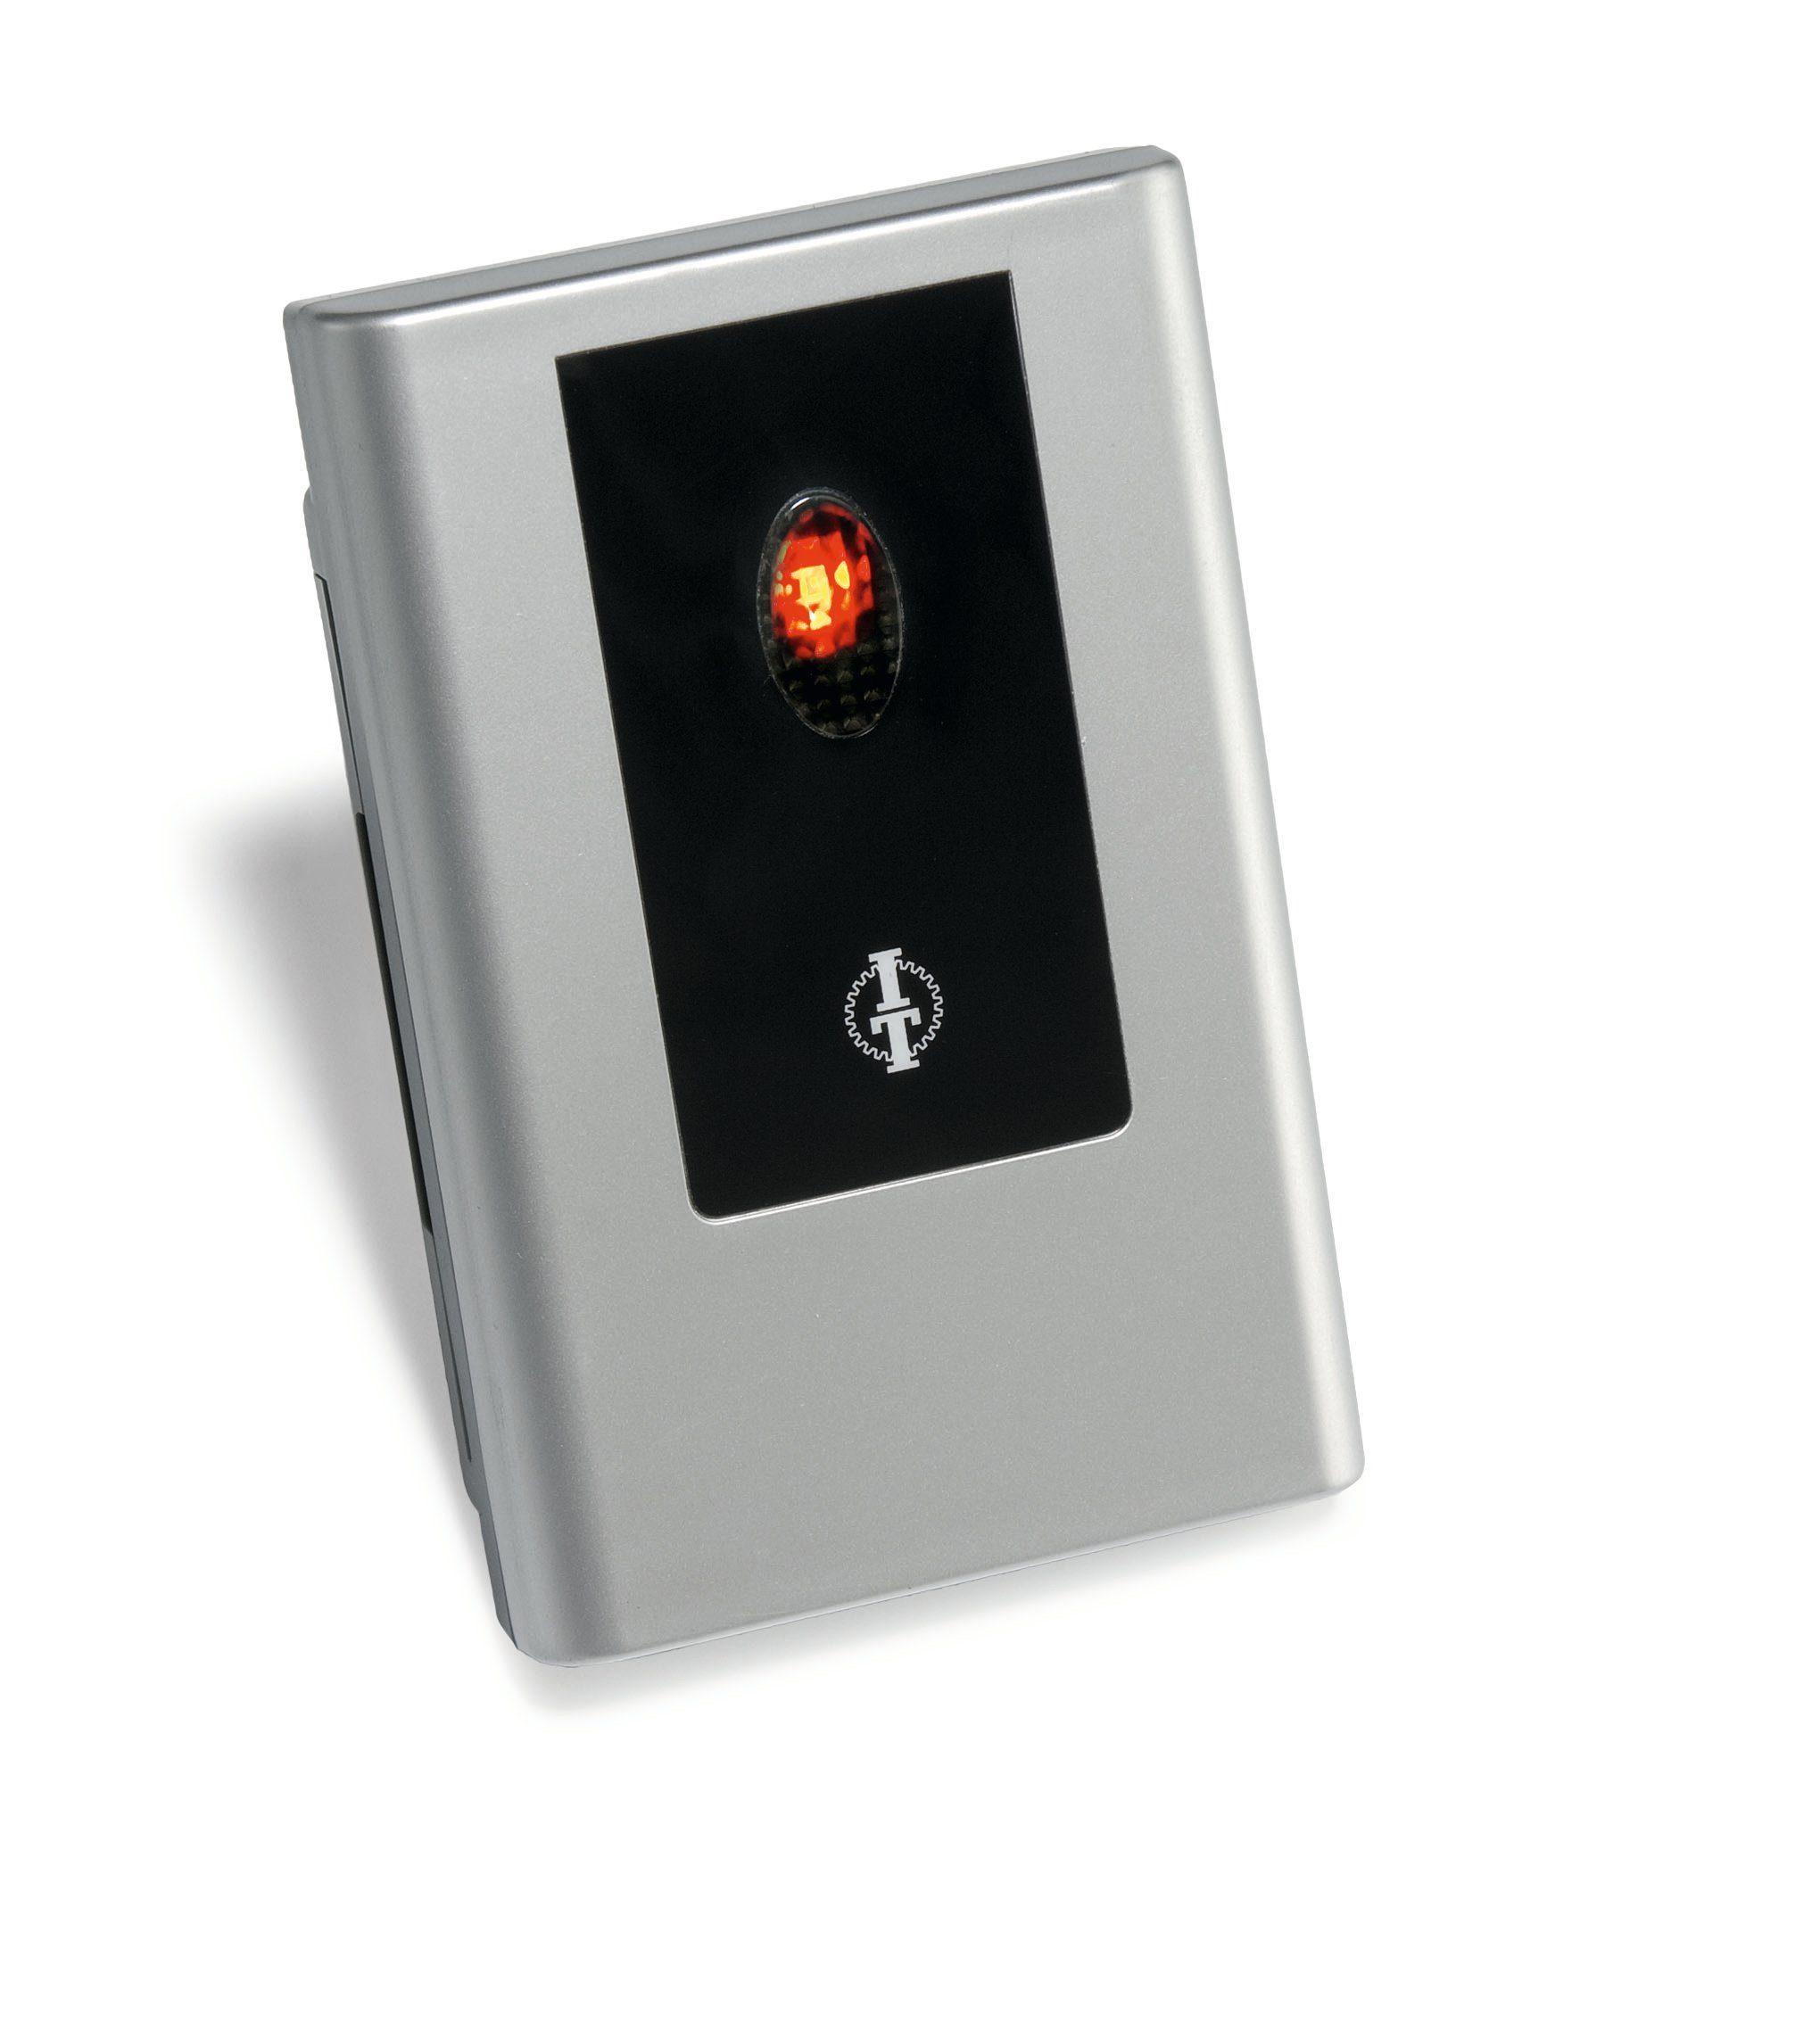 intertechno Smart Home - Sicherheit & Komfort »ITDS-50 Funk-Dämmerungsschalter«